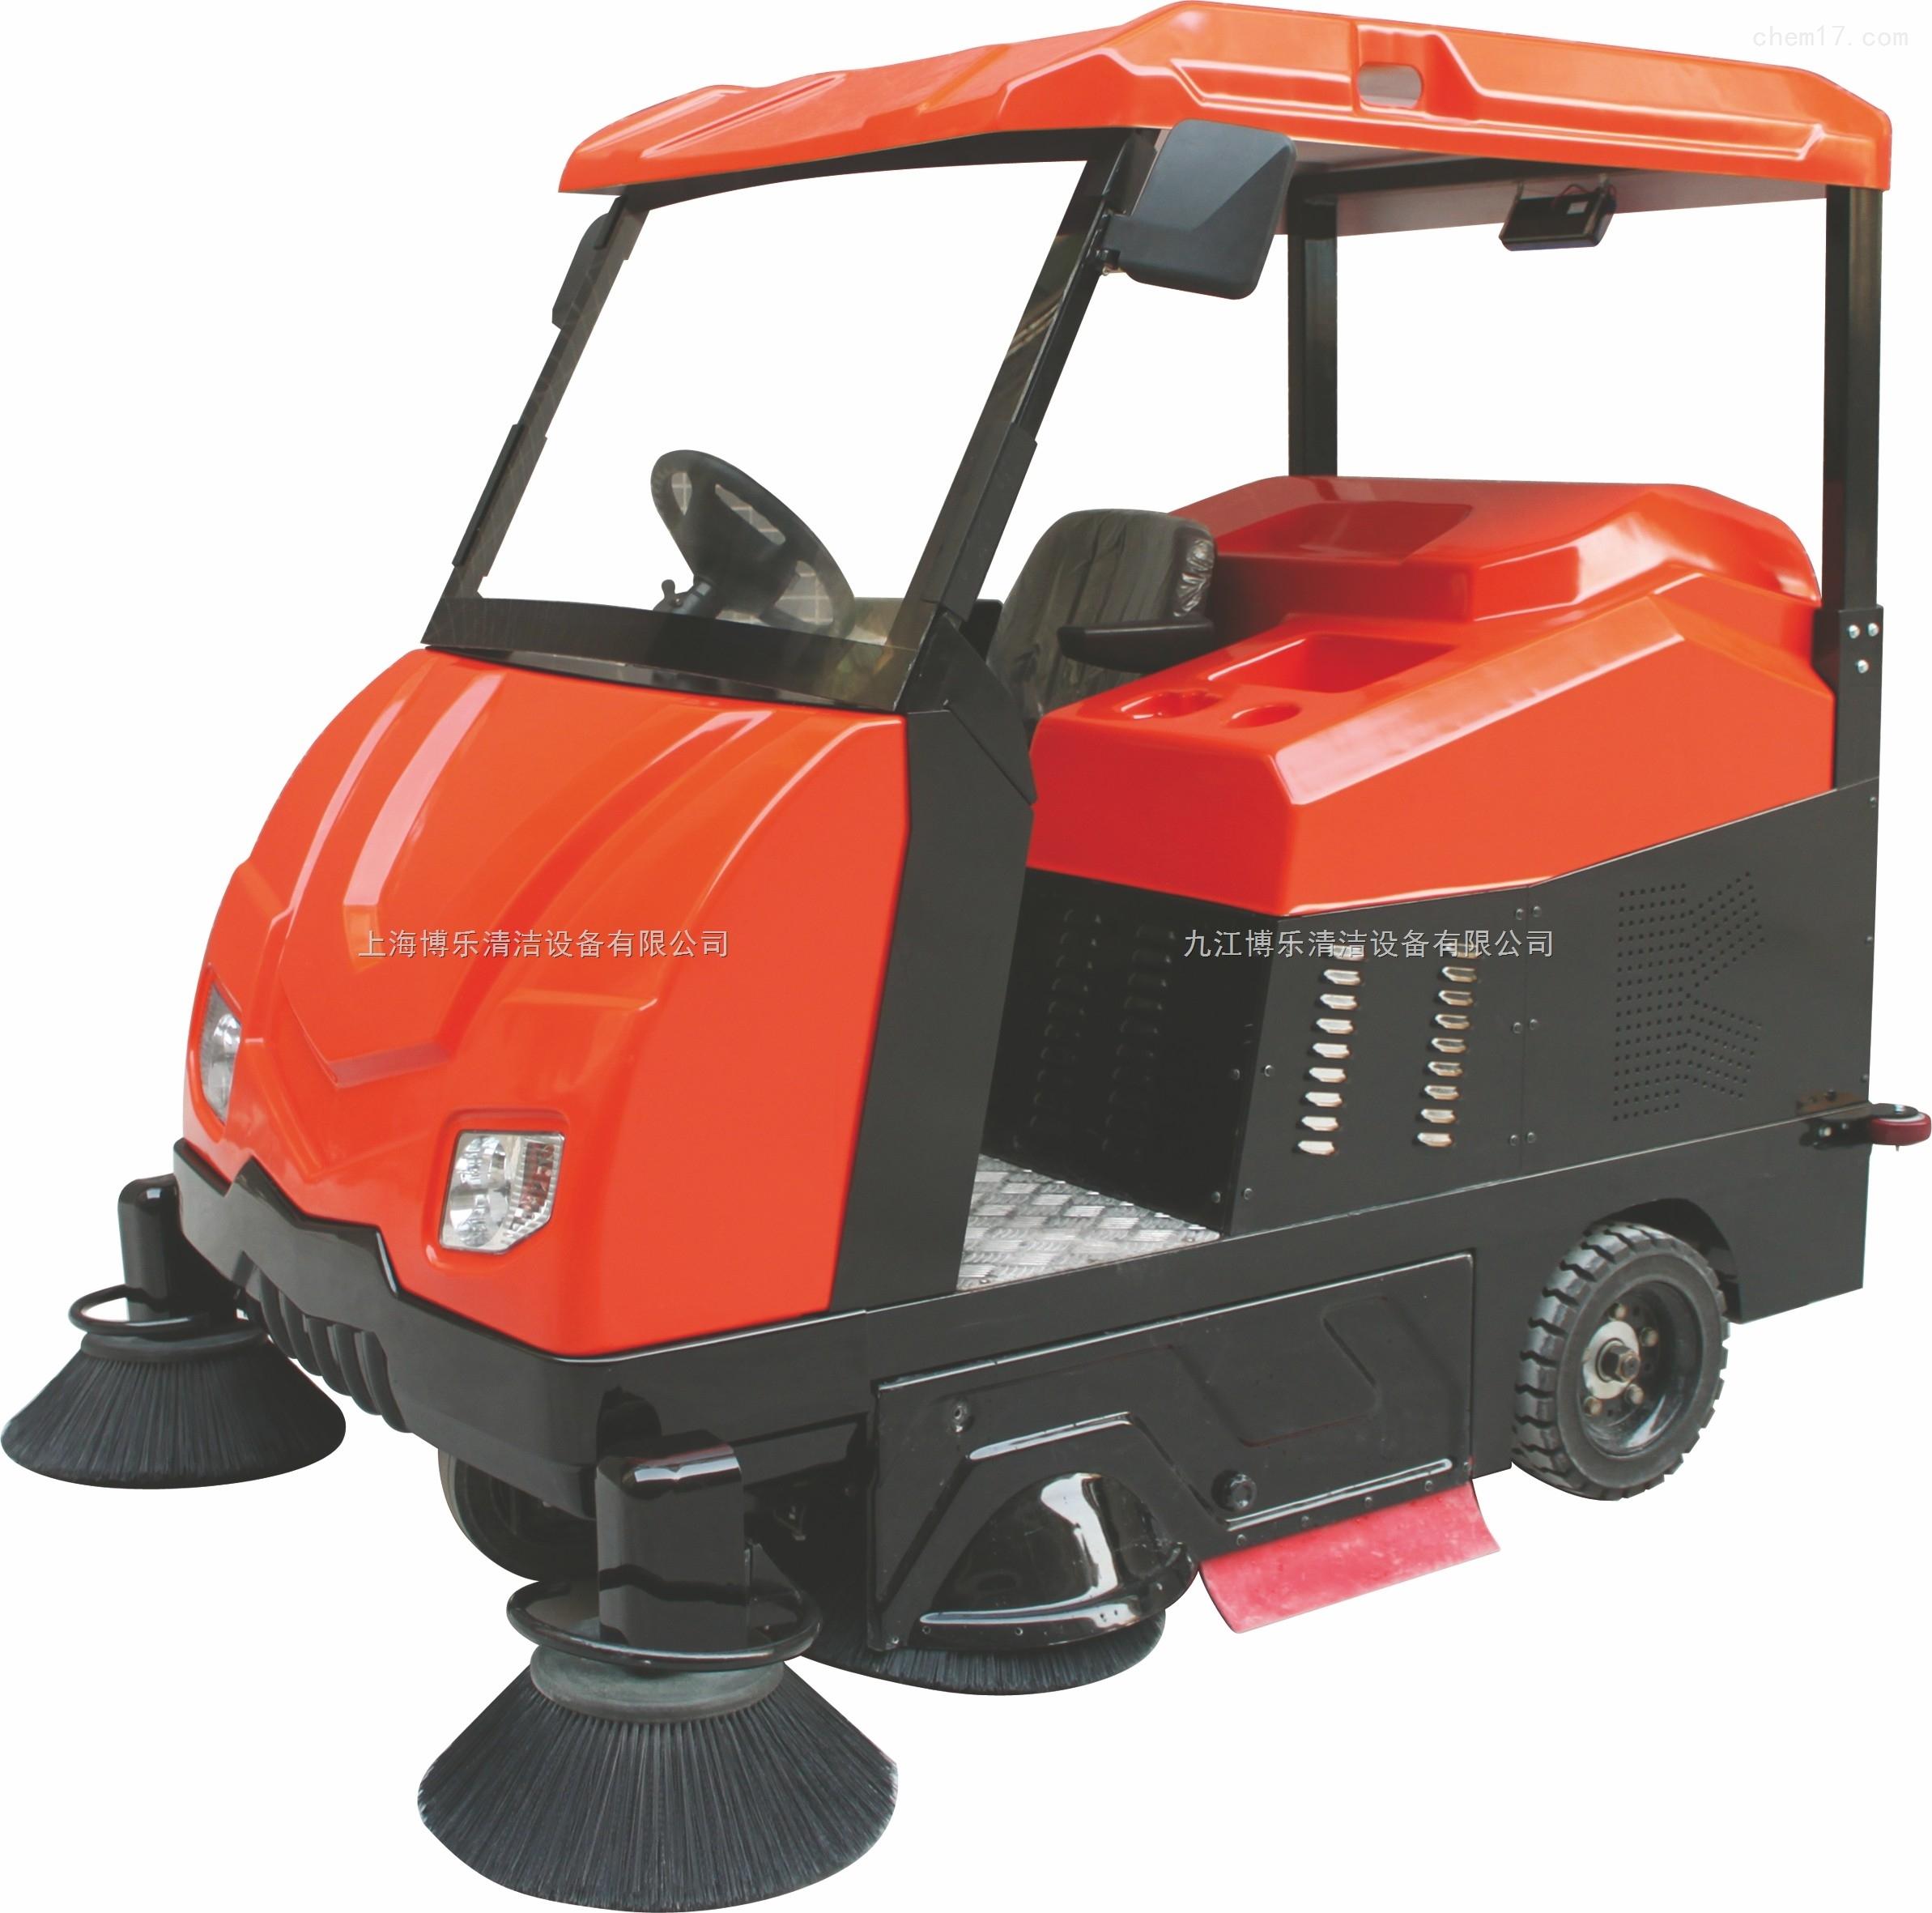 电动扫地车价格_电动 扫地车_大型电动扫地车